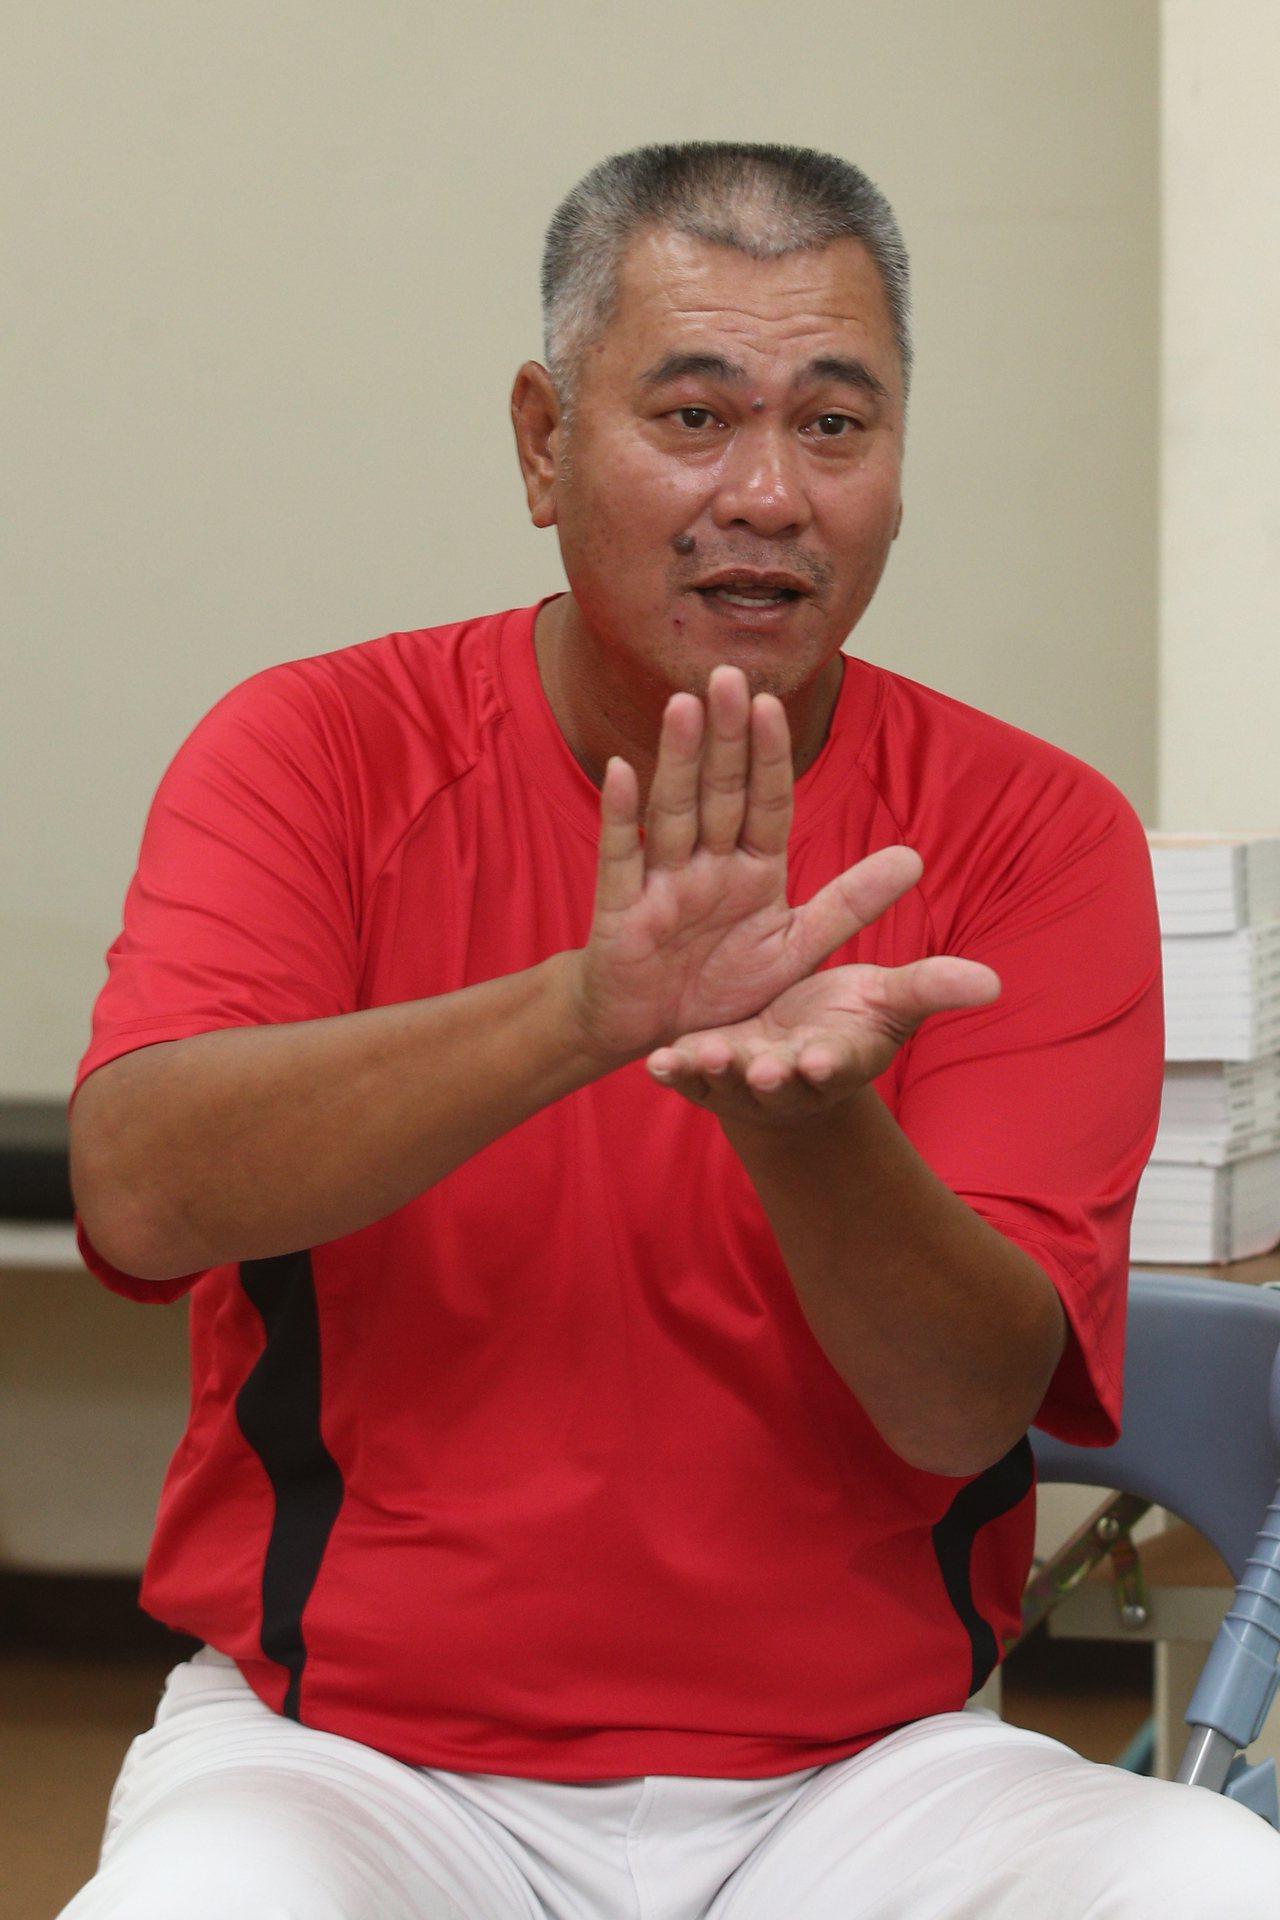 傳奇球星「萬人迷」王光輝(圖)談兒子王威晨,透露自己看到兒子第一支安打,又是三壘...